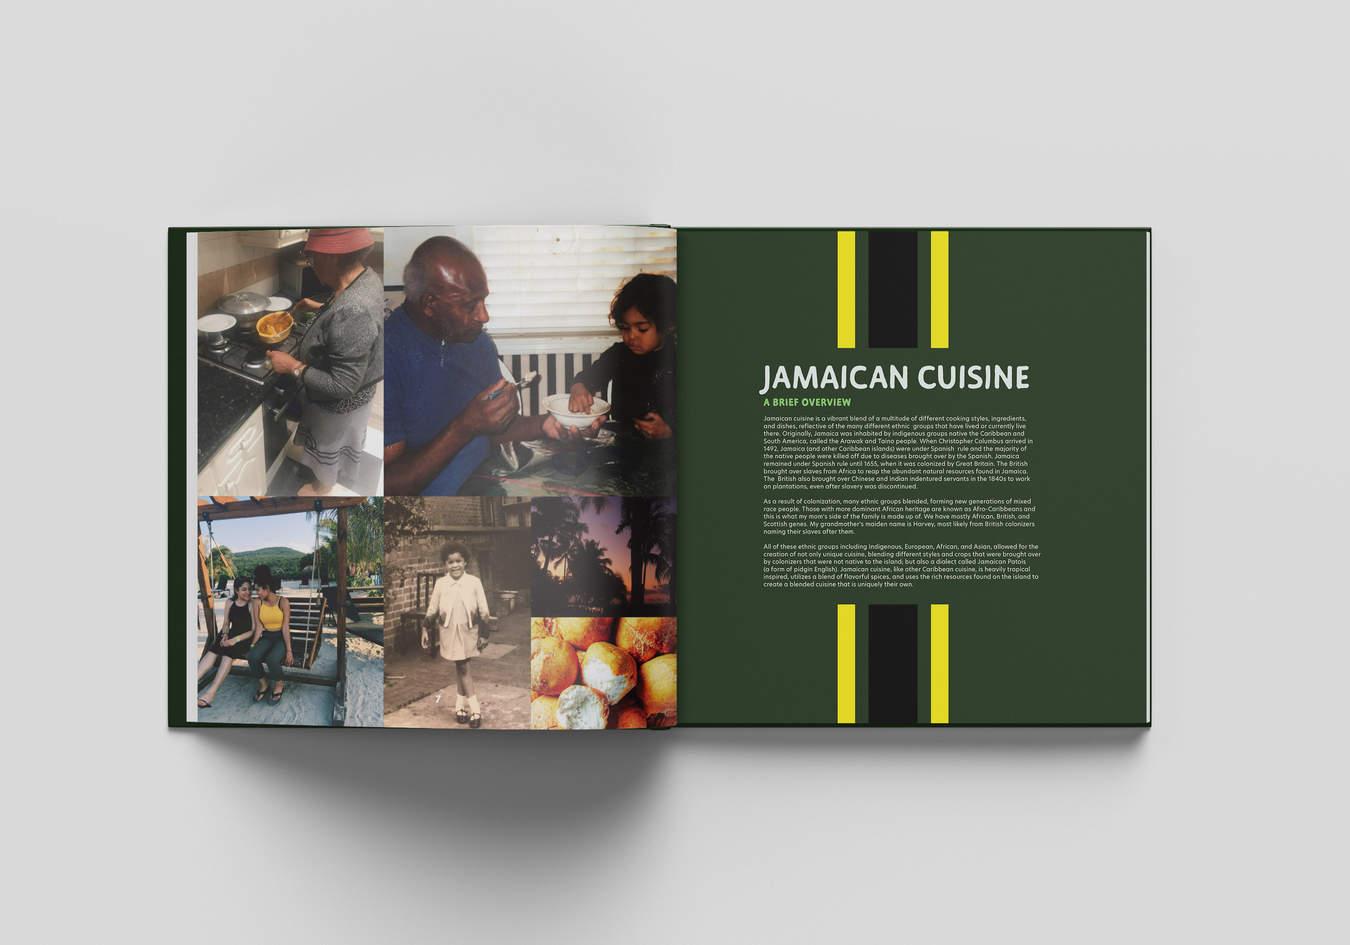 jm cuisine overview page mockup.jpg